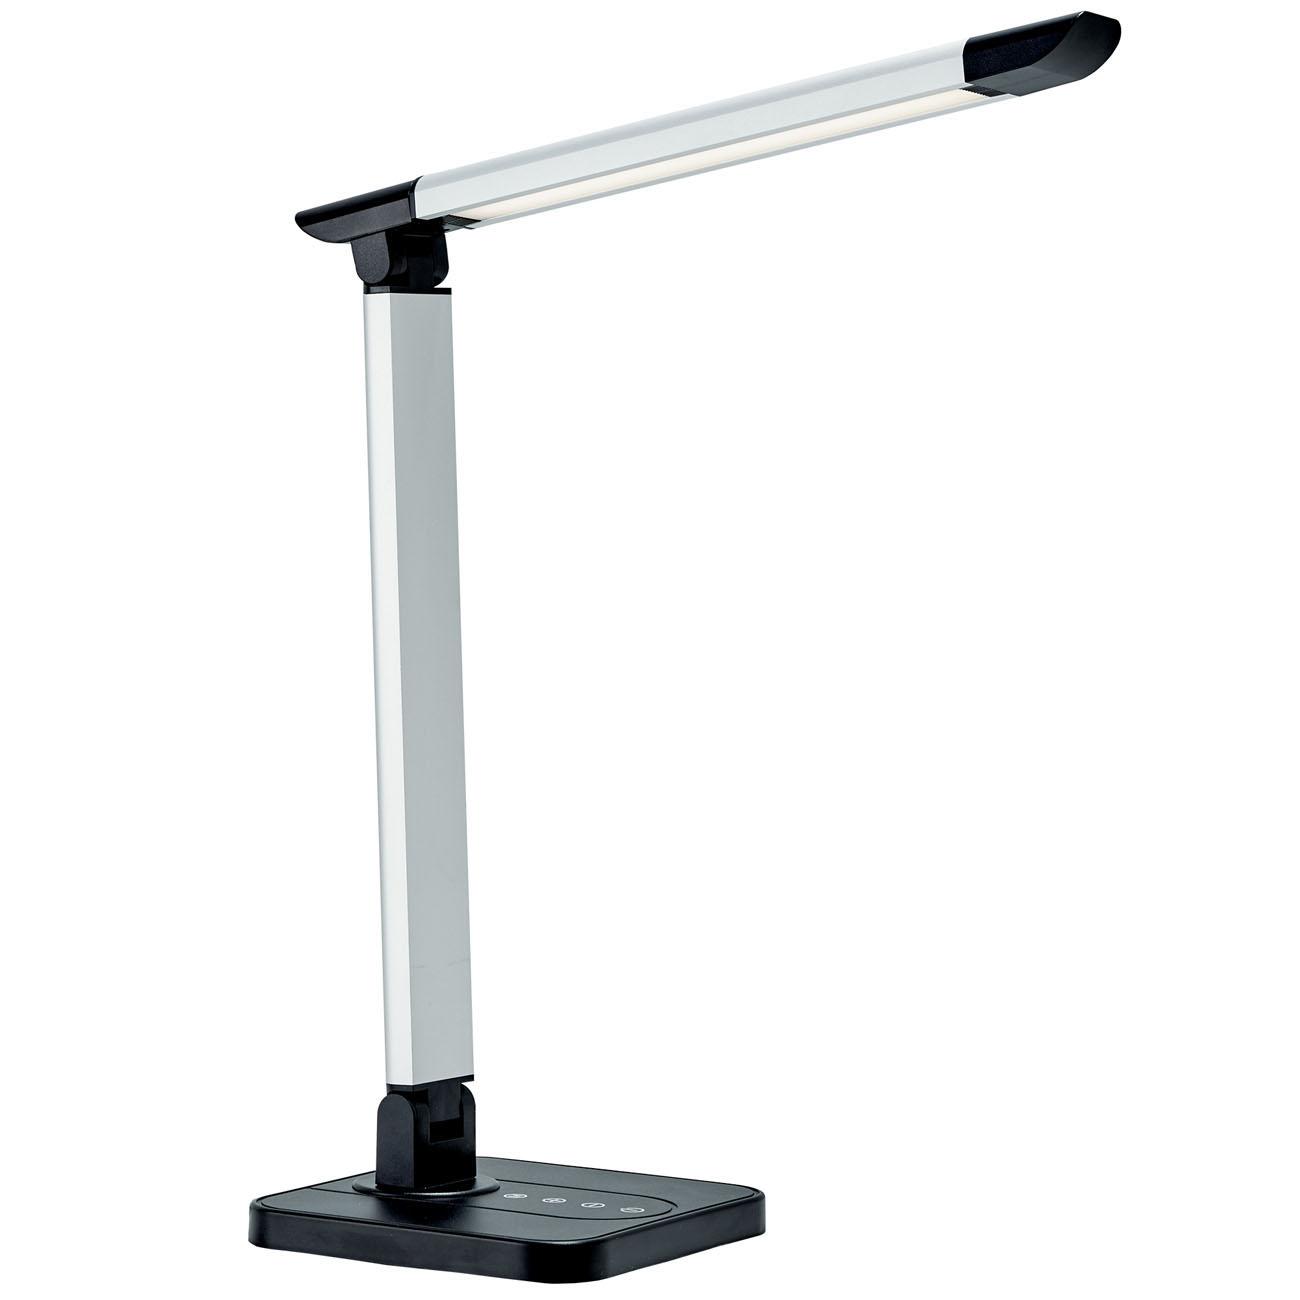 LED Schreibtischleuchte schwenkbar dimmbar schwarz - 1